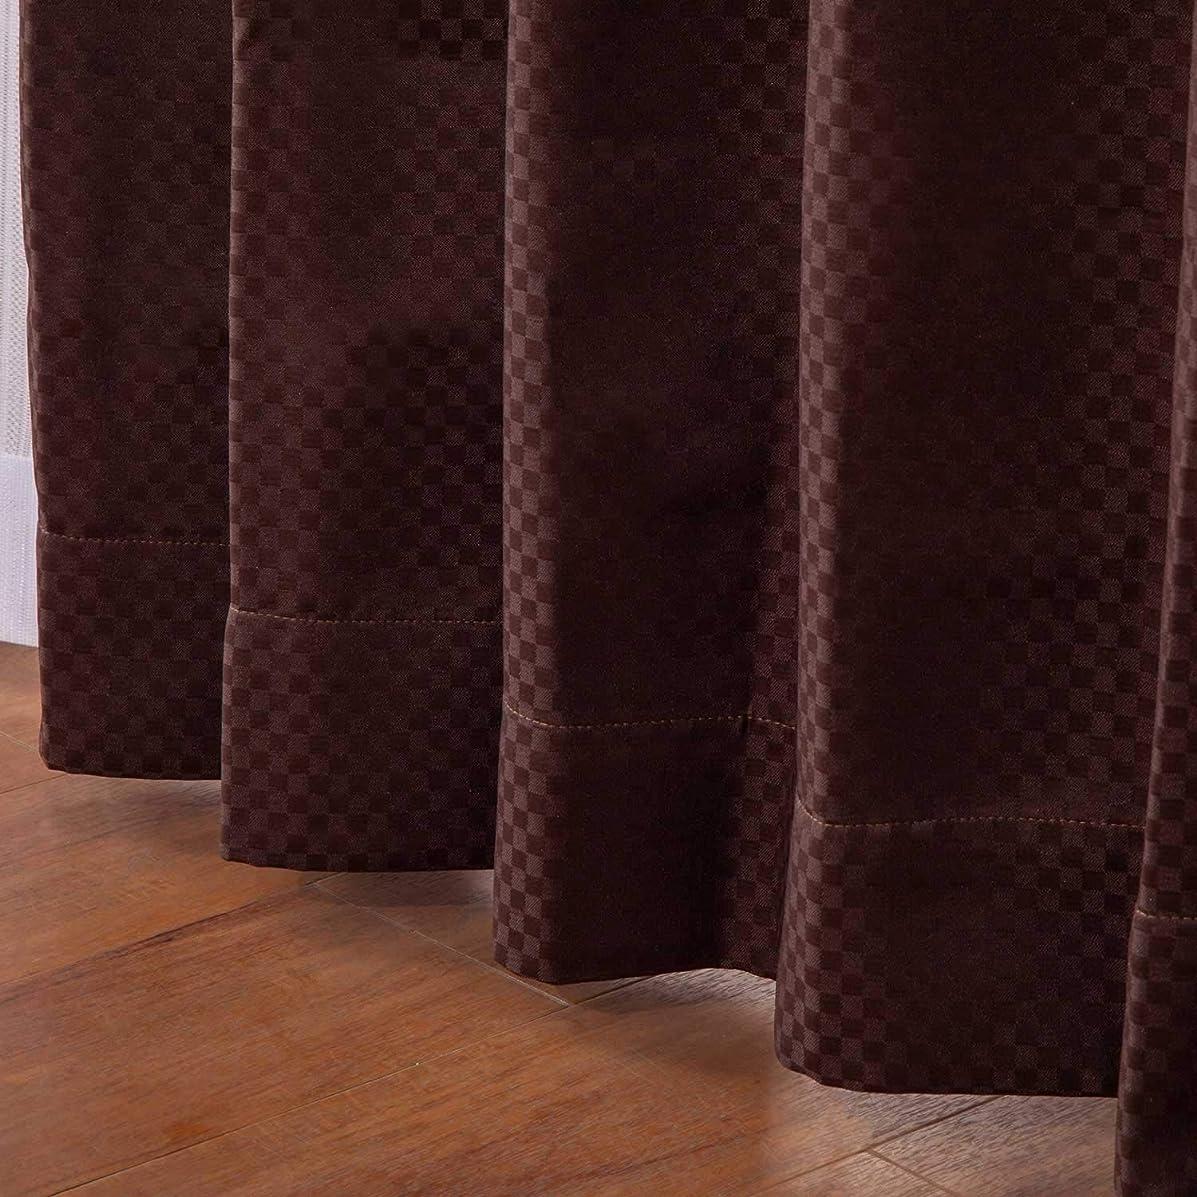 ハンドブック偏見リスト【オーダーカーテン】形状記憶加工 シフォン ブラウン 幅100cm×丈125cm 1枚入 3色×518サイズ